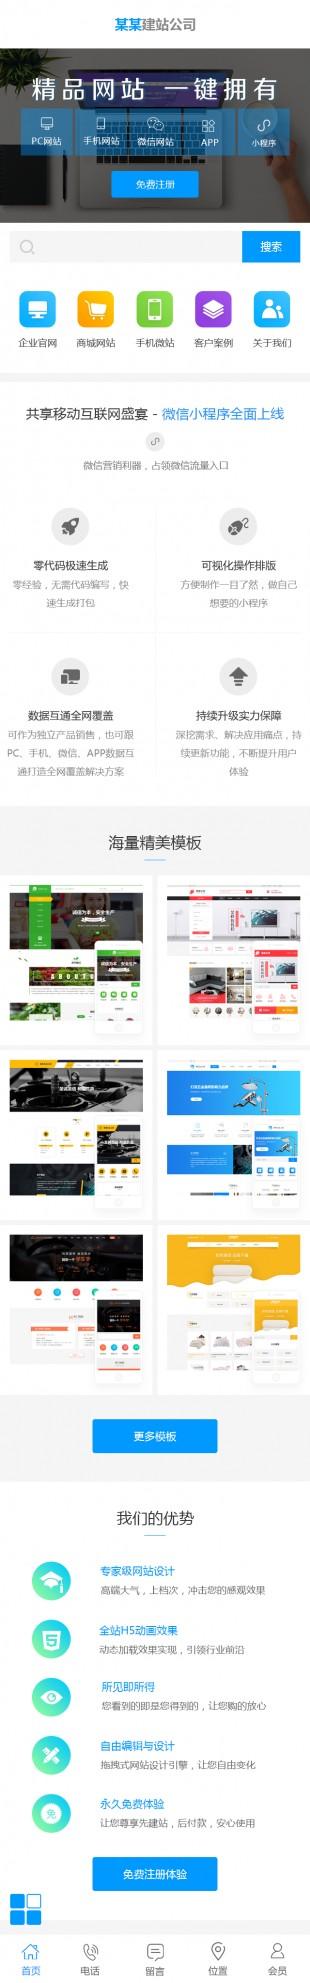 网站模板宣传站网站建设模板手机图片